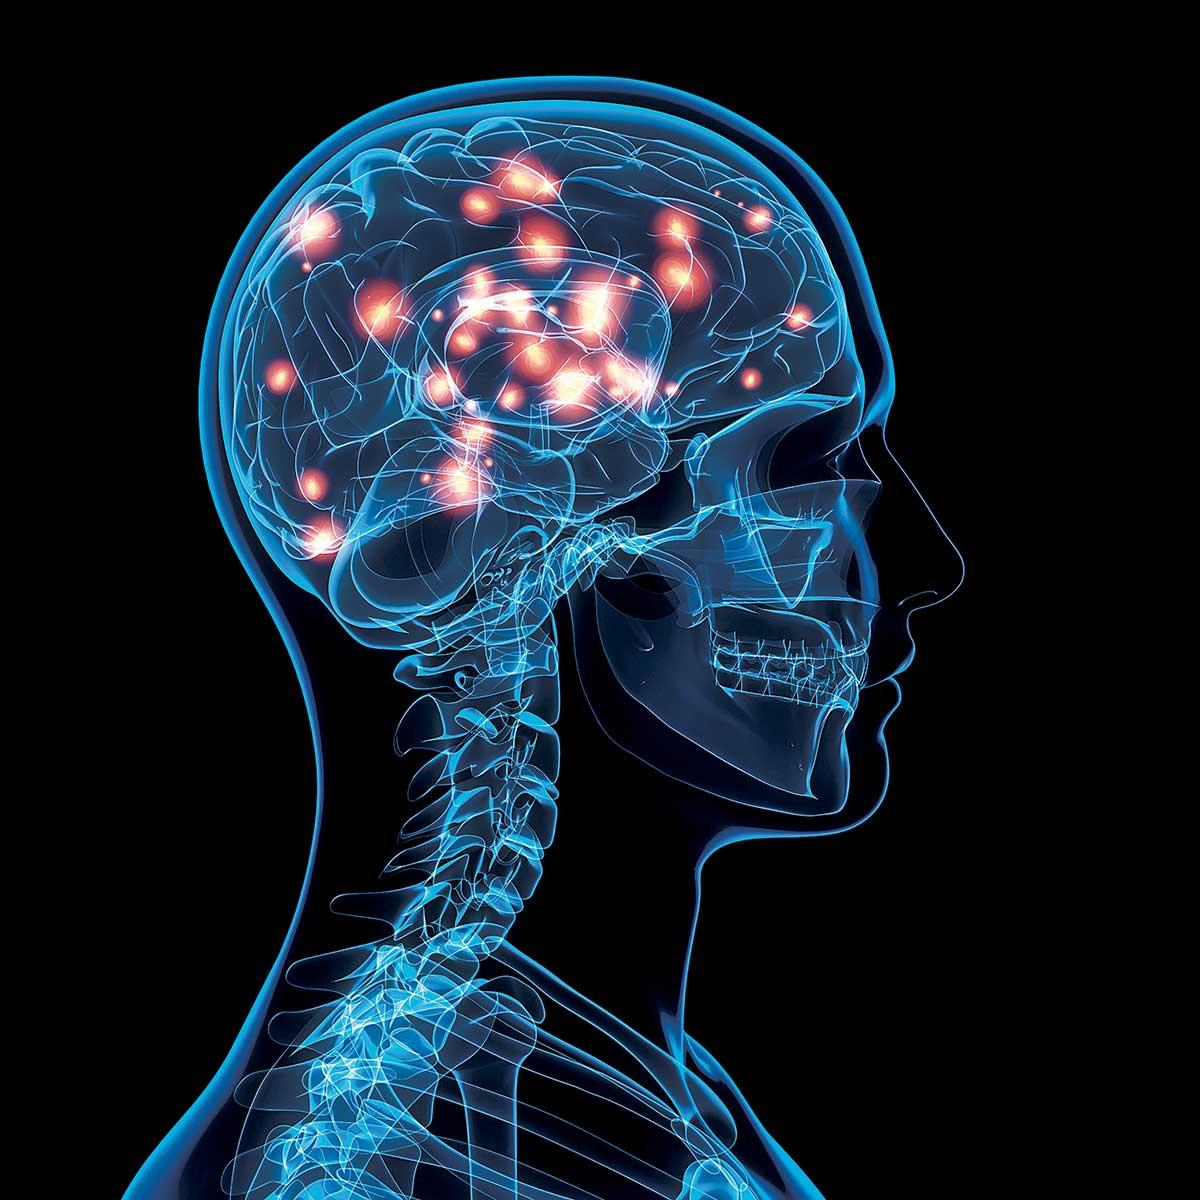 En una imagen como de radiografía se ven partes del cerebro se que actian como con luz, seguramente al ser estimuladas por elementos externos.